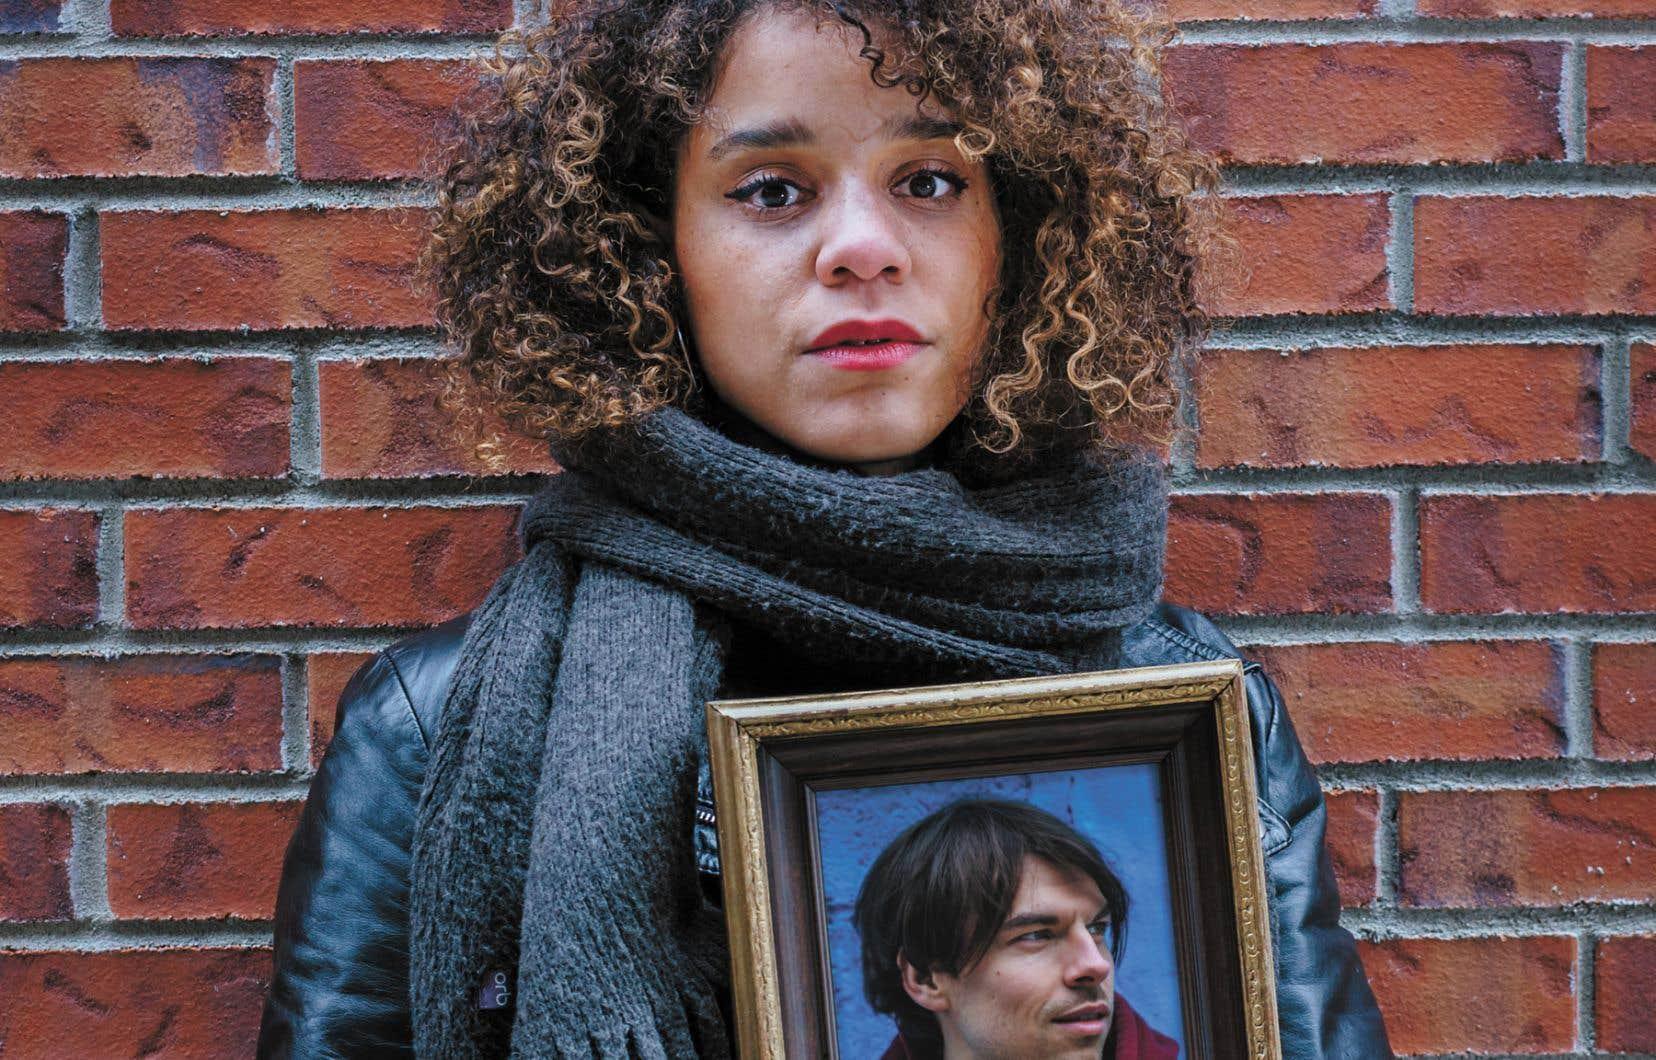 En racontant leur rencontre à l'université, Chloé Savoie-Bernard sourit, comme lorsqu'on regarde une vieille photo: «Je me souviens que t'avais les cheveux blonds et un